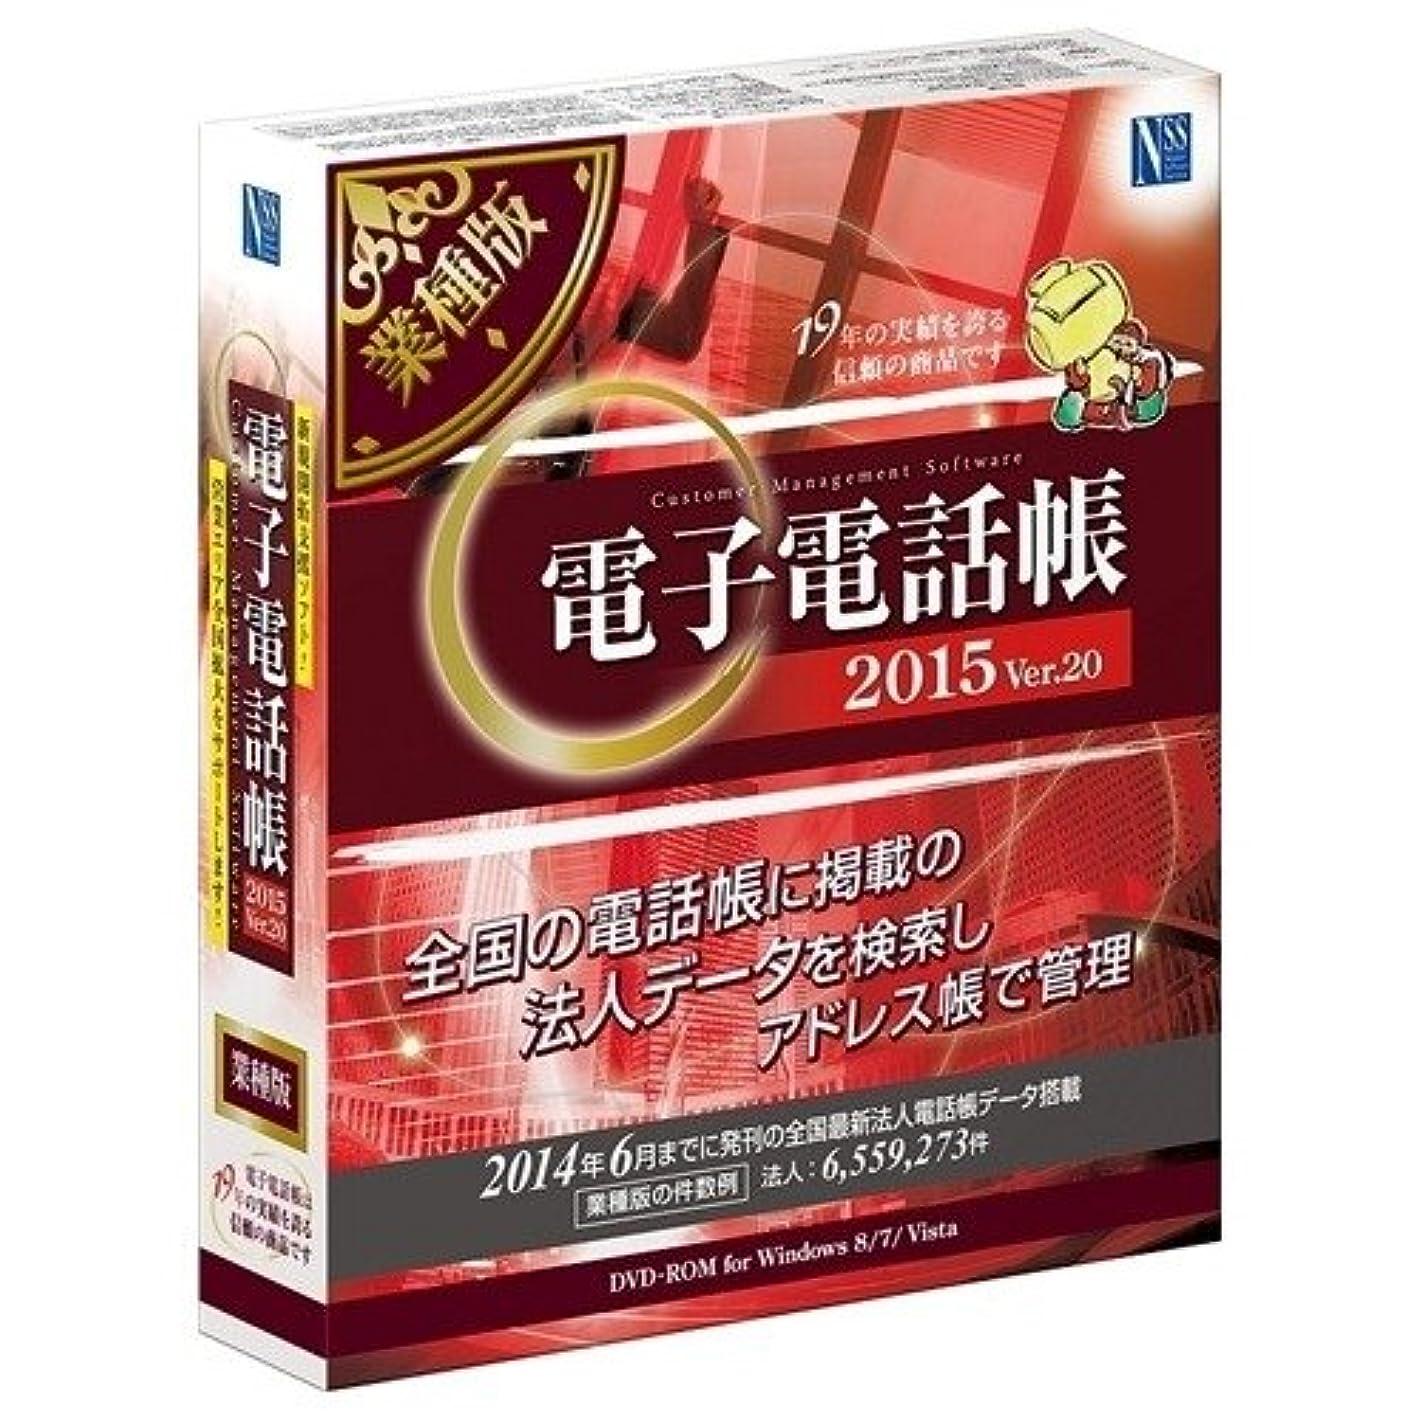 深める心のこもった冷ややかな日本ソフト販売 電子電話帳2015 Ver.20 業種版